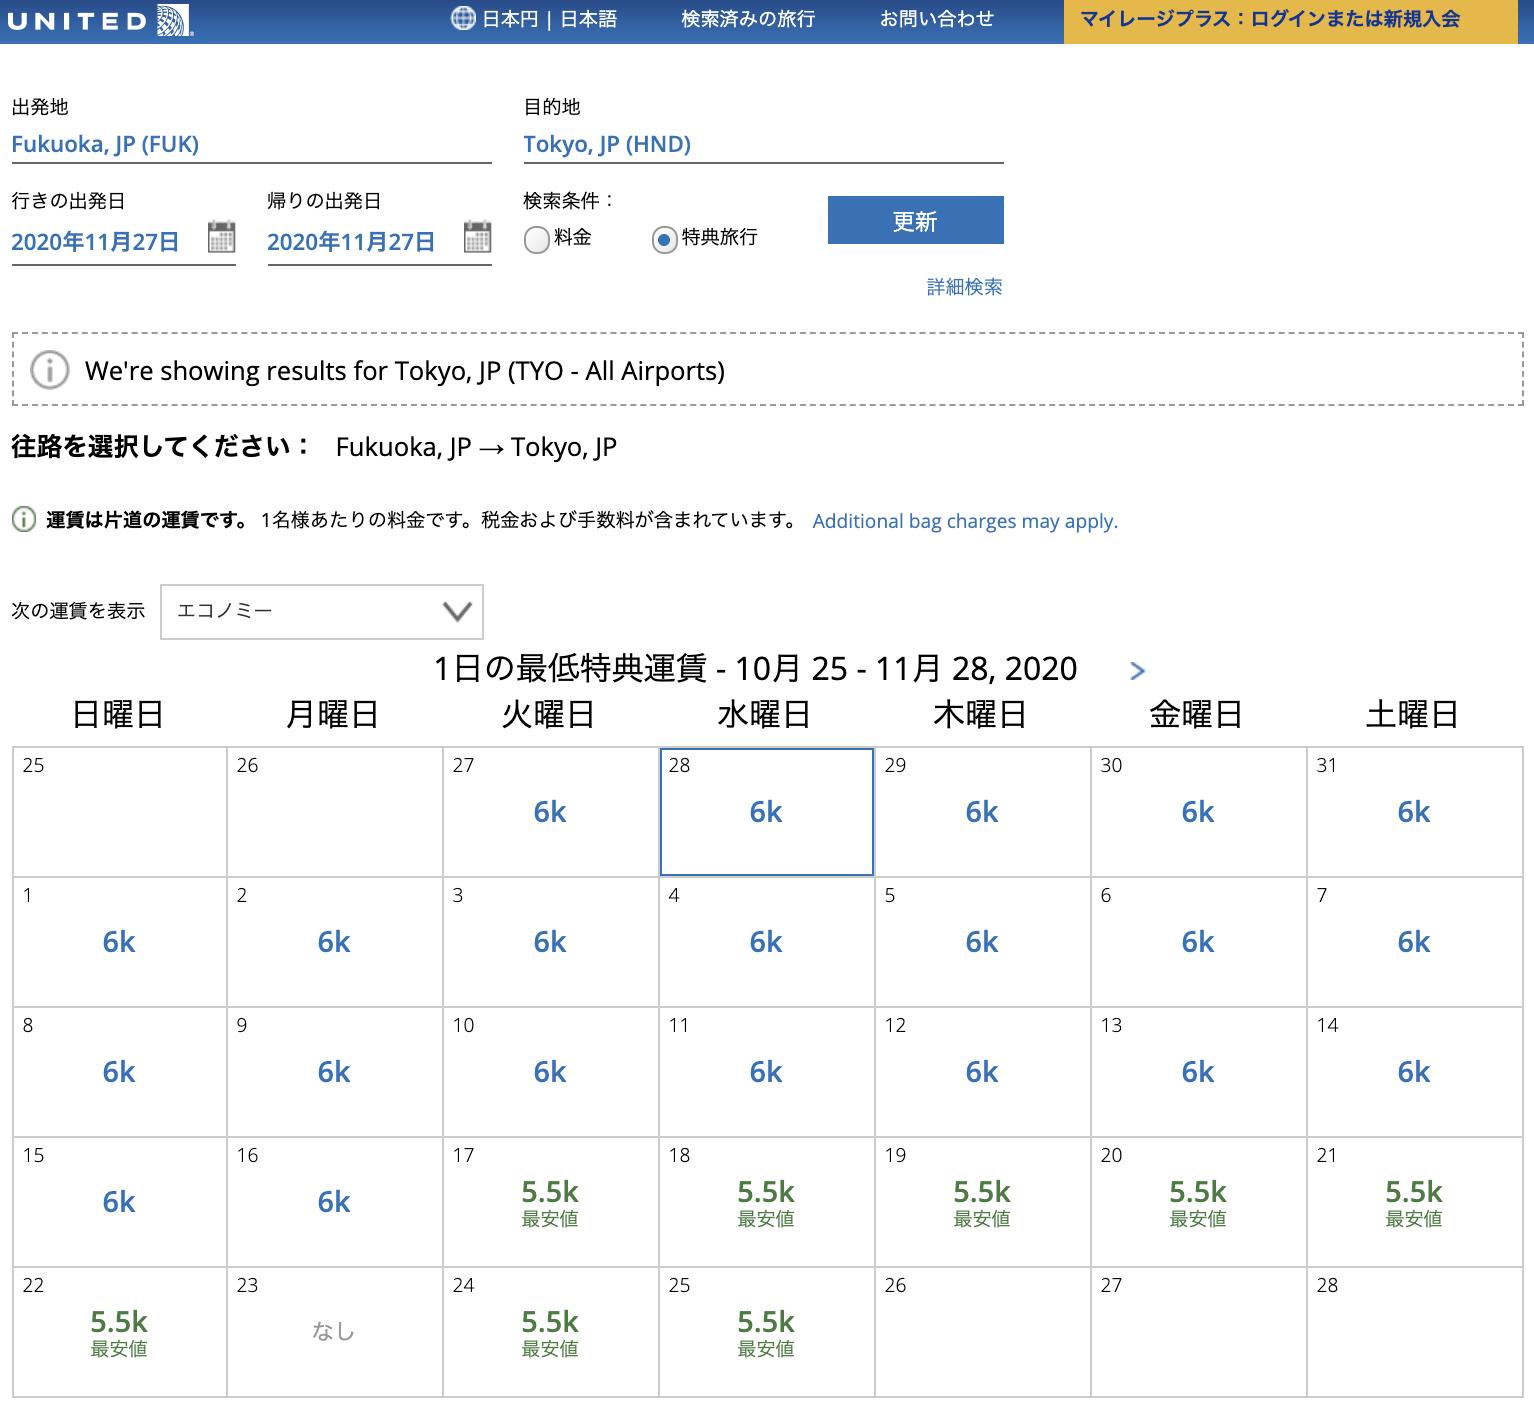 ユナイテッド航空のマイレージプラス特典航空券の必要マイル数(2020年10月時点)